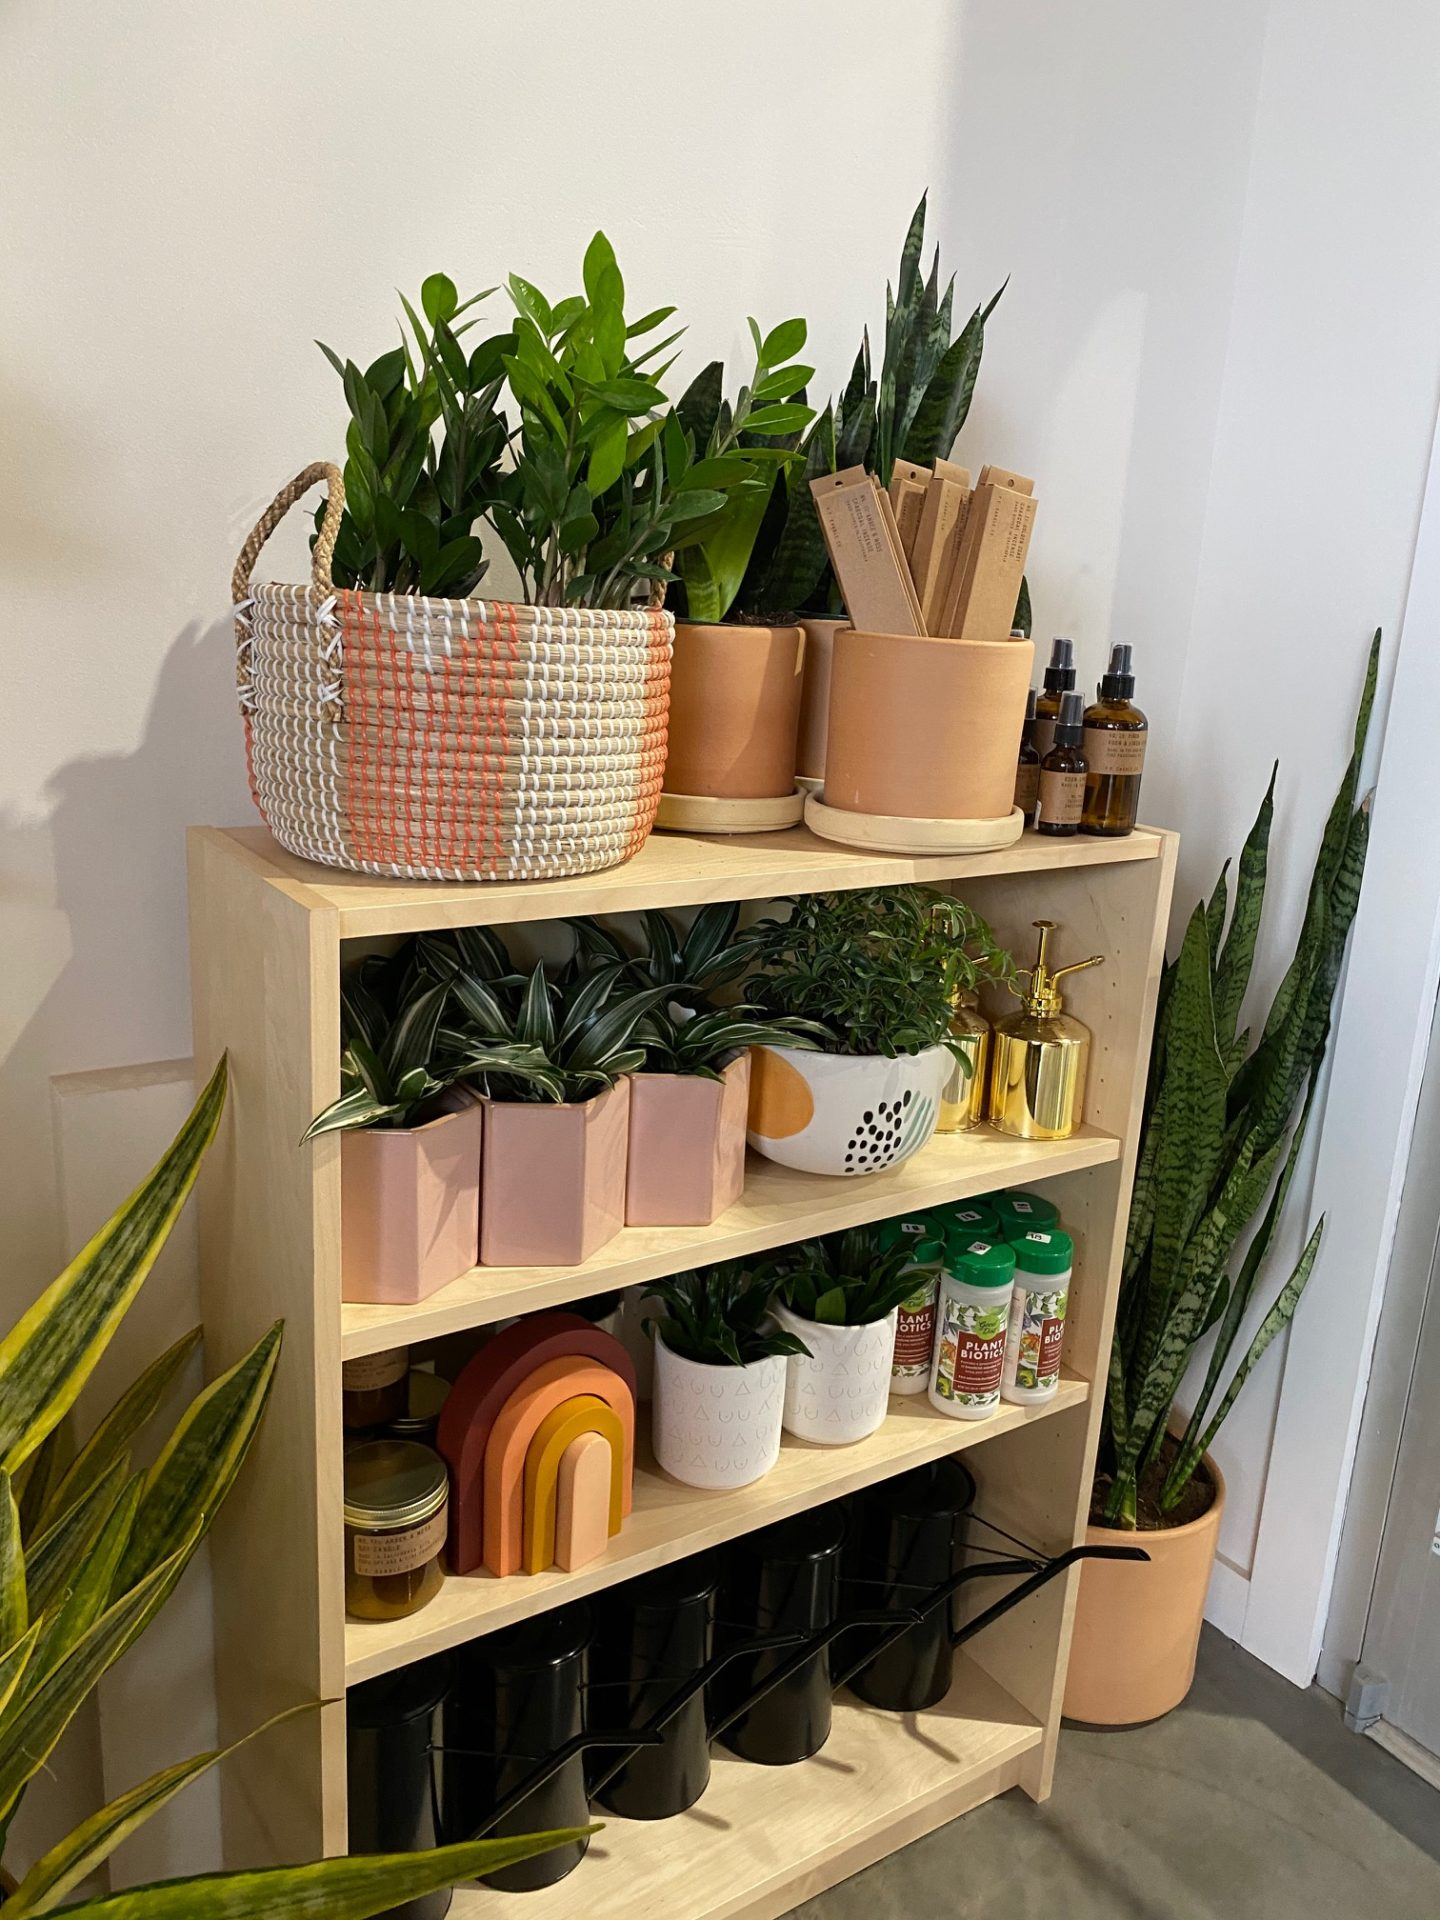 plants on a bookshelf